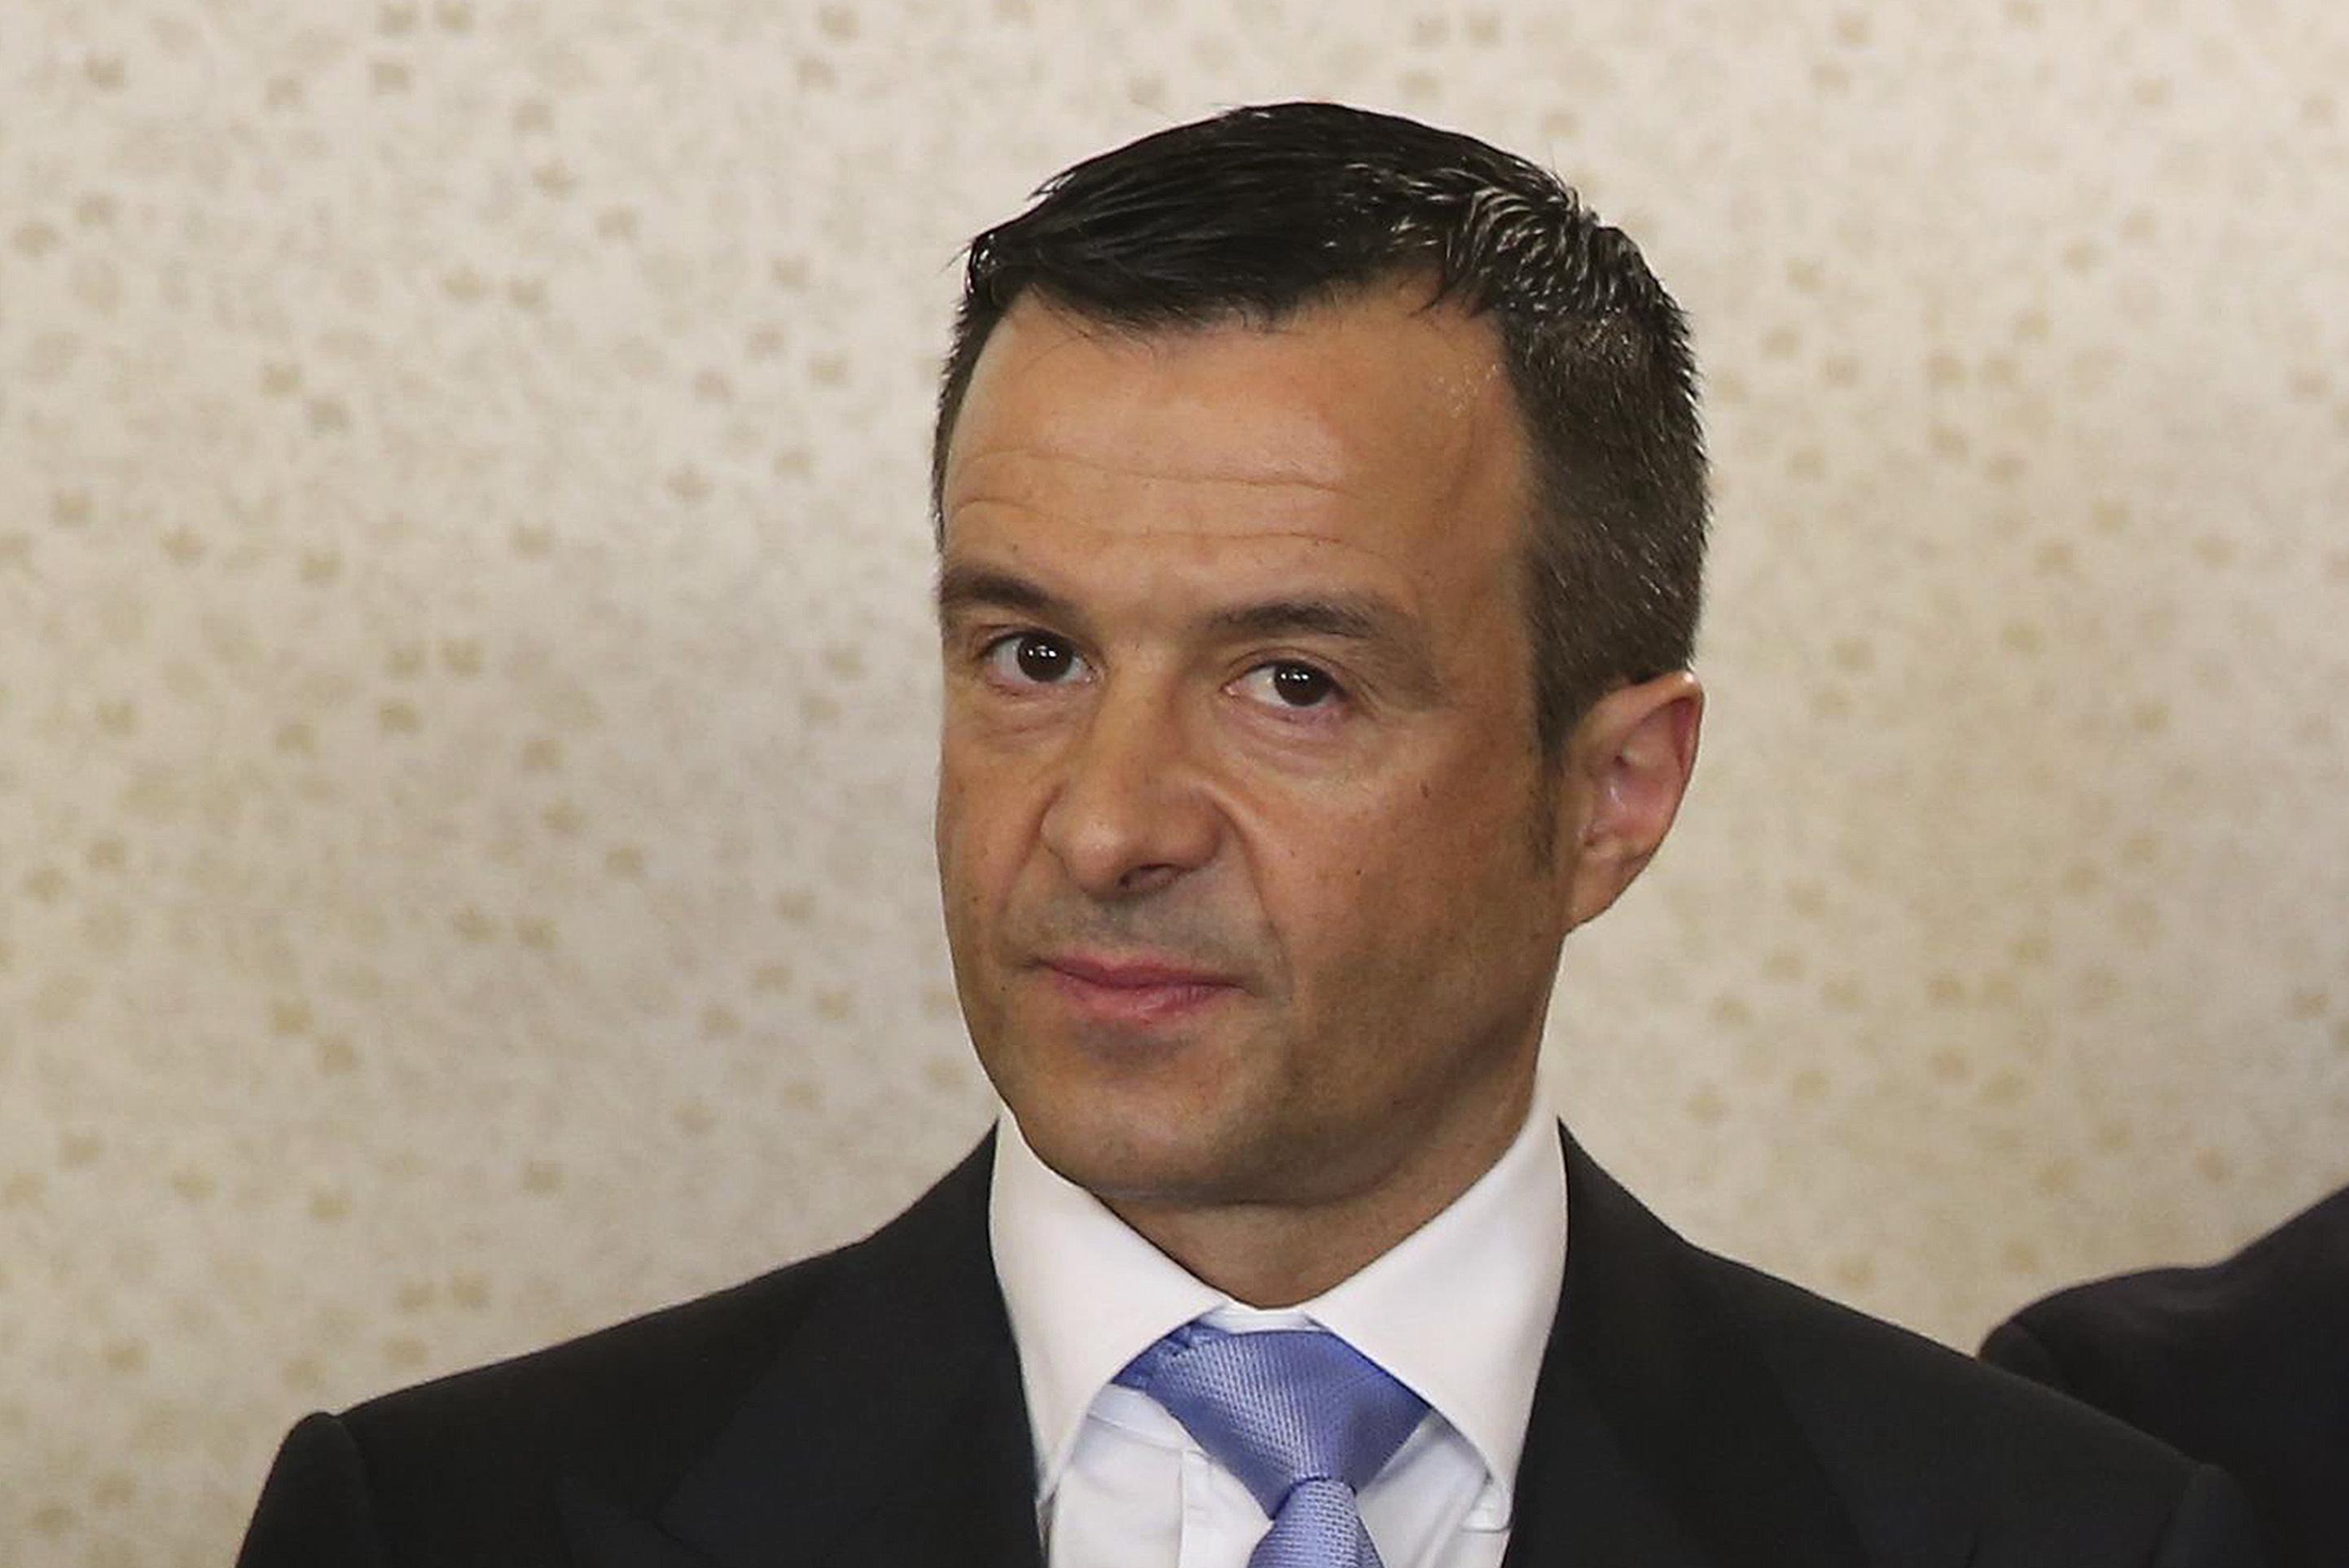 Falcão aponta o dedo a Jorge Mendes no caso de fraude fiscal